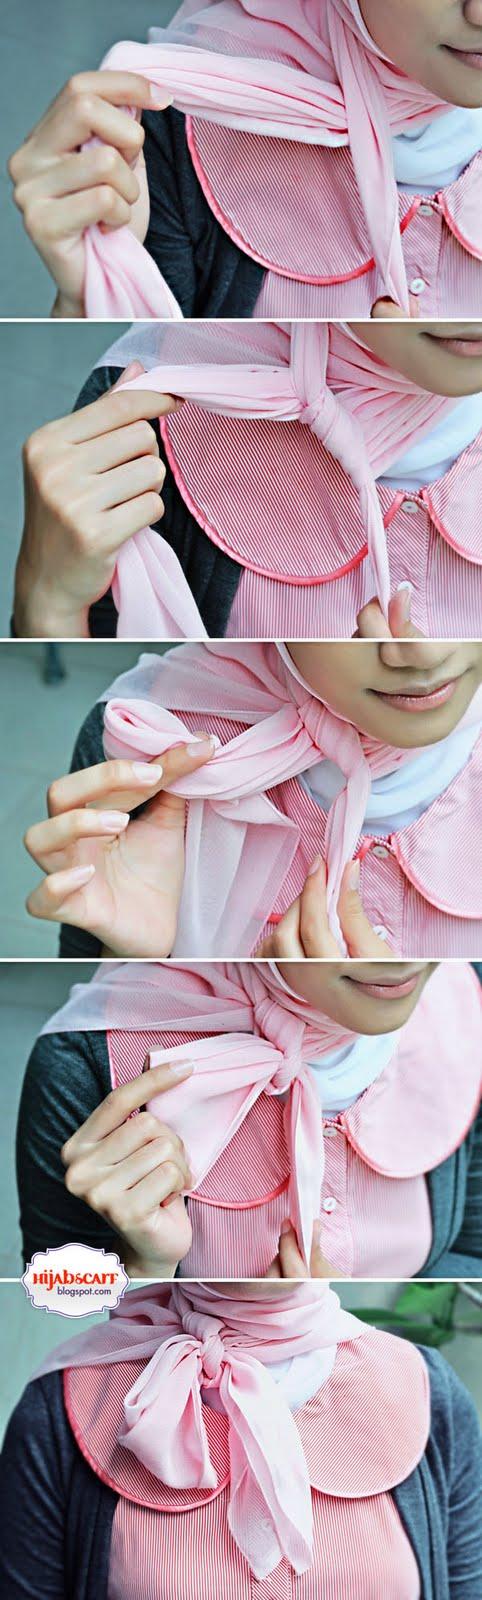 http://4.bp.blogspot.com/_0PcXuJGtJXI/TLLUpBuPqxI/AAAAAAAABRw/sHMVu43oFxU/s1600/Hijab+Scarf+%284%29.jpg